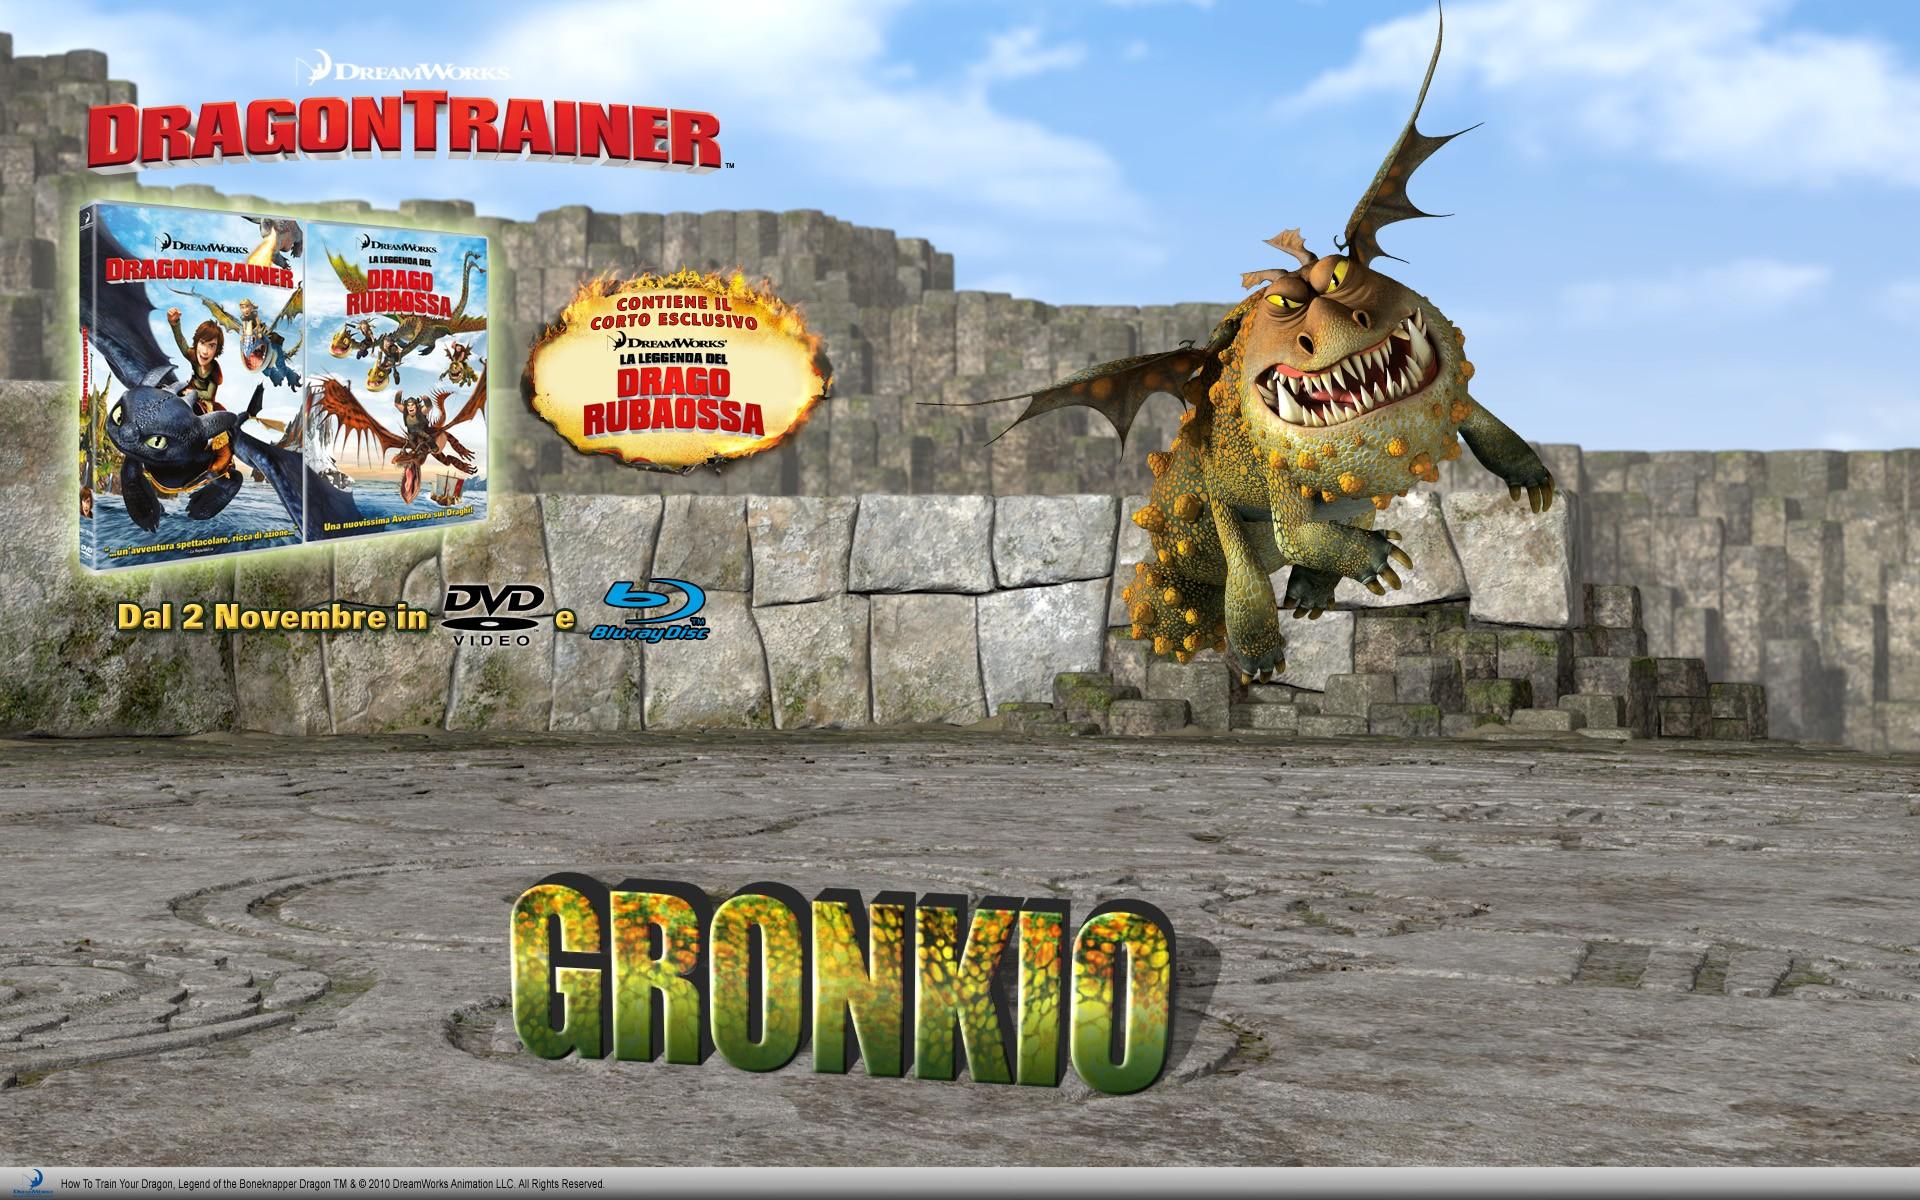 Un wallpaper dedicato all'uscita homevideo di Dragon Trainer, prevista il 2 Novembre 2010